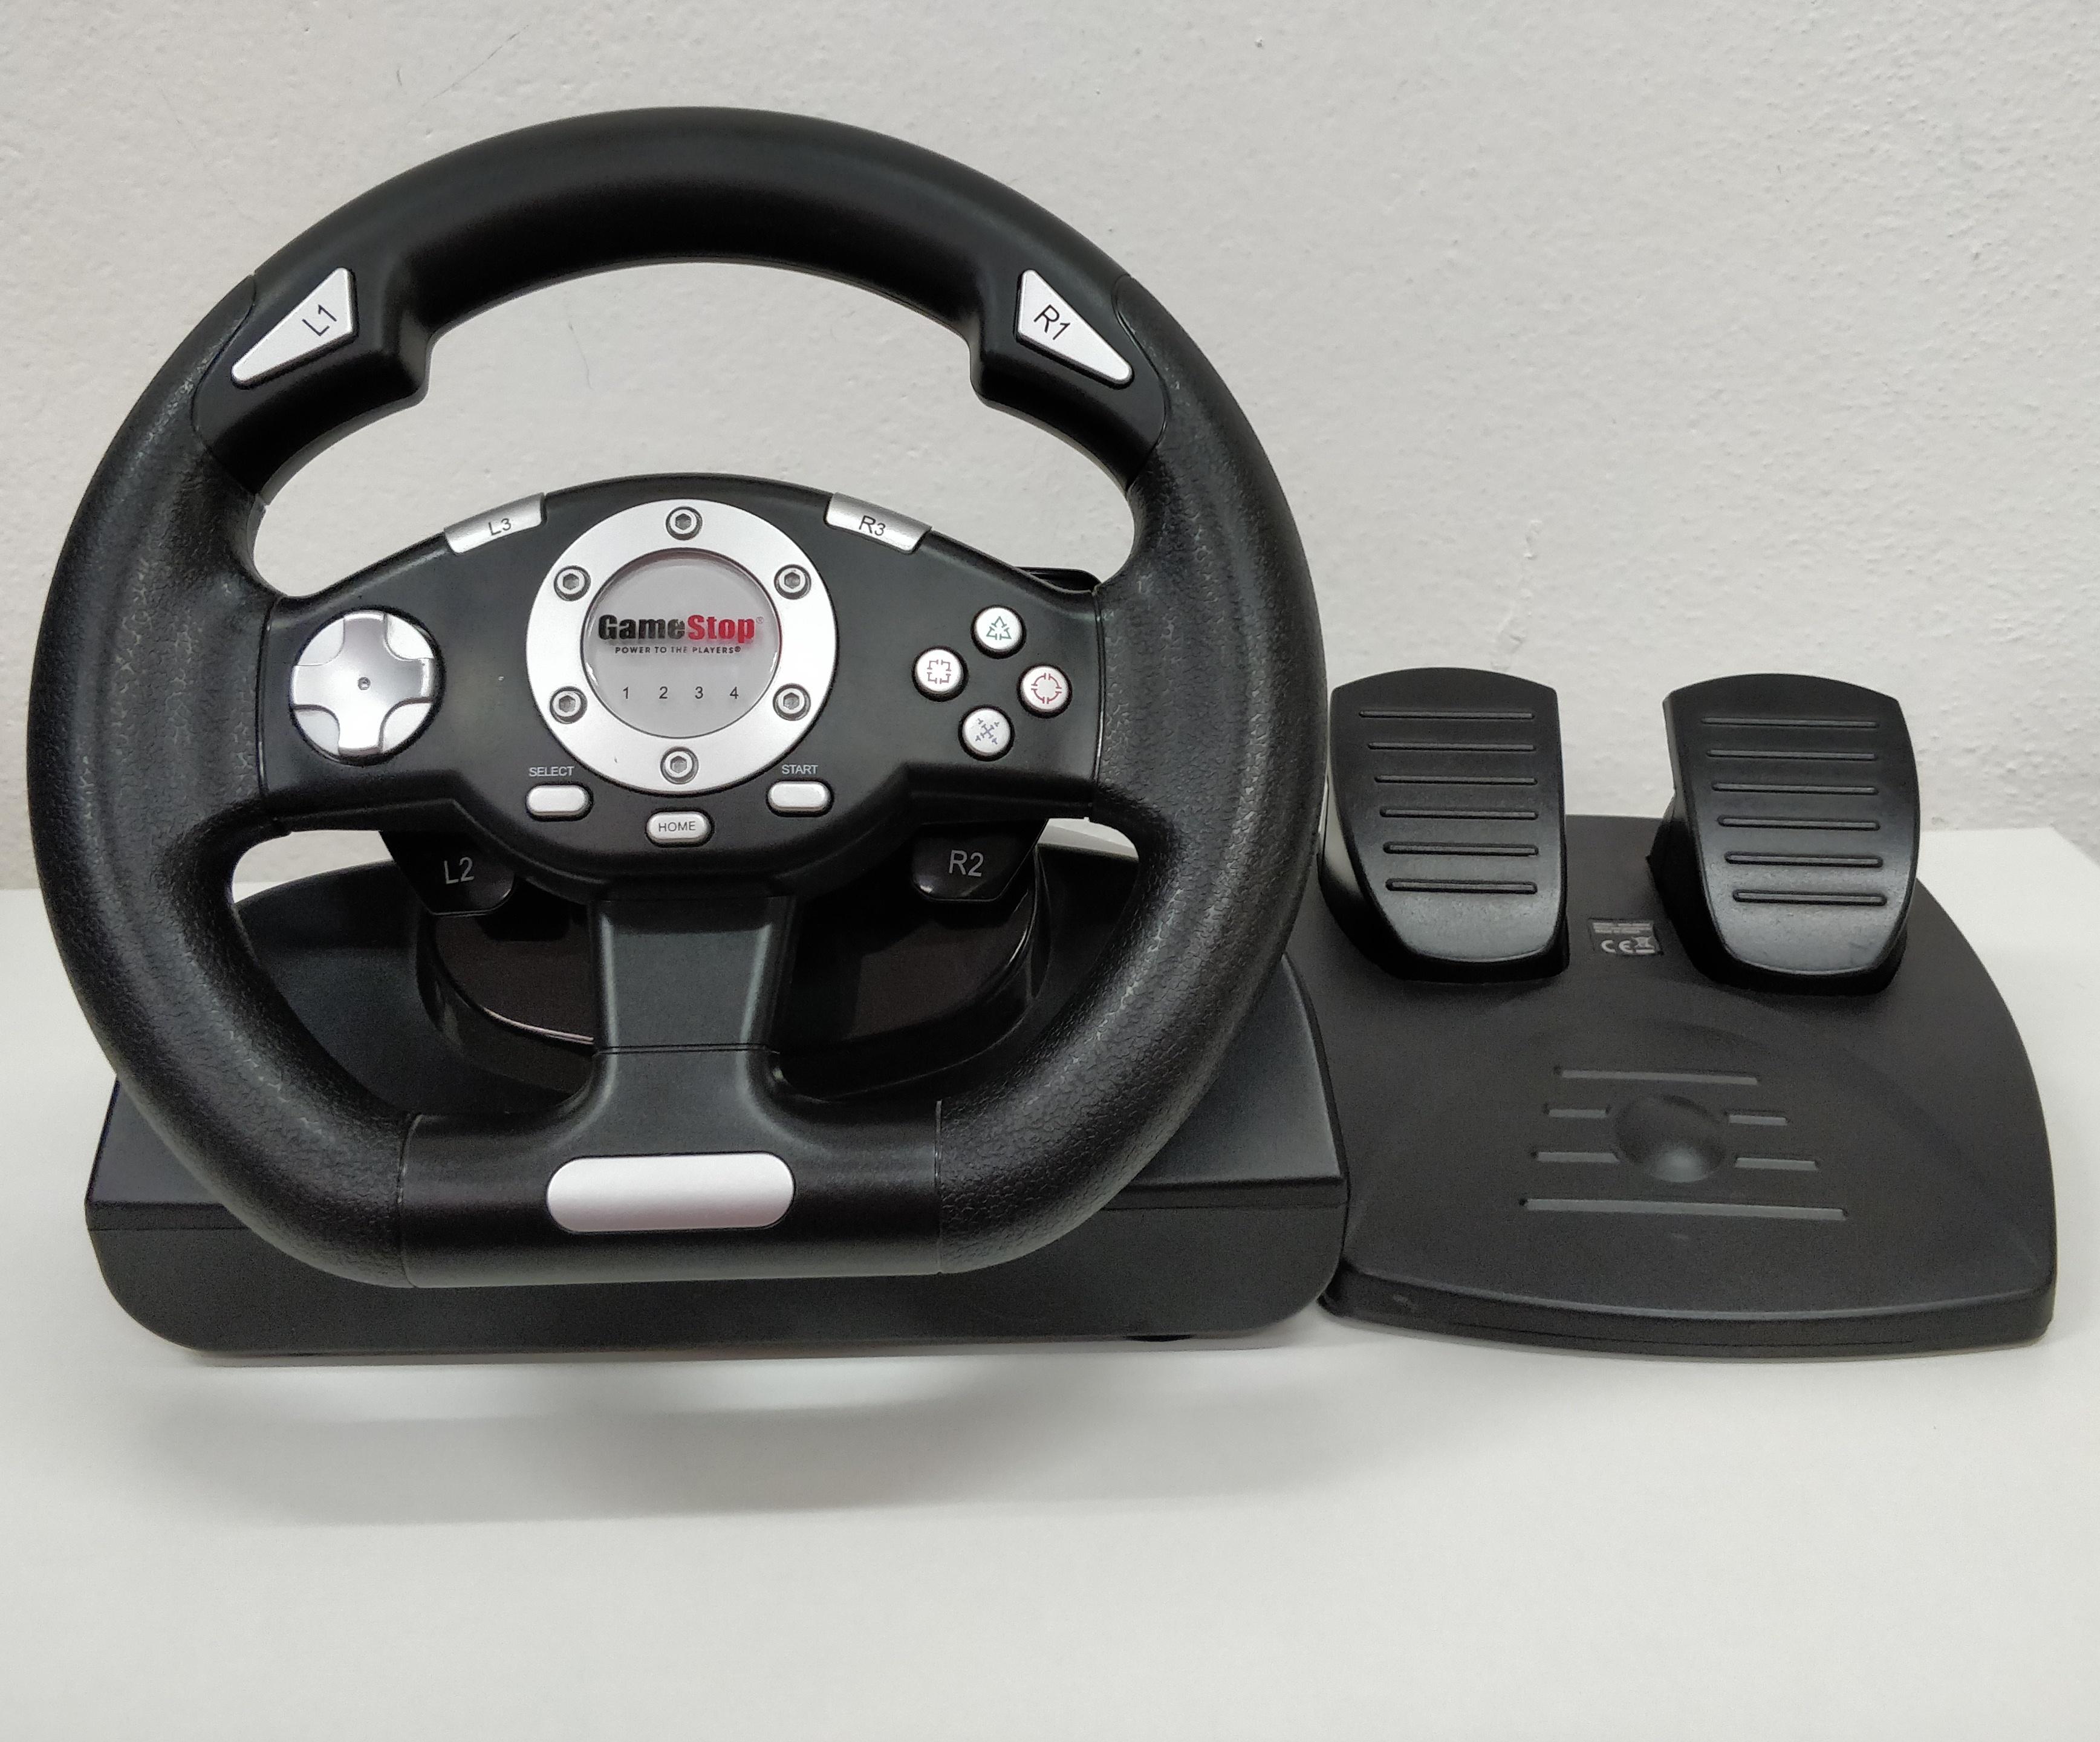 [PS3] Gamestop Racing Wheel - (estetické vady)